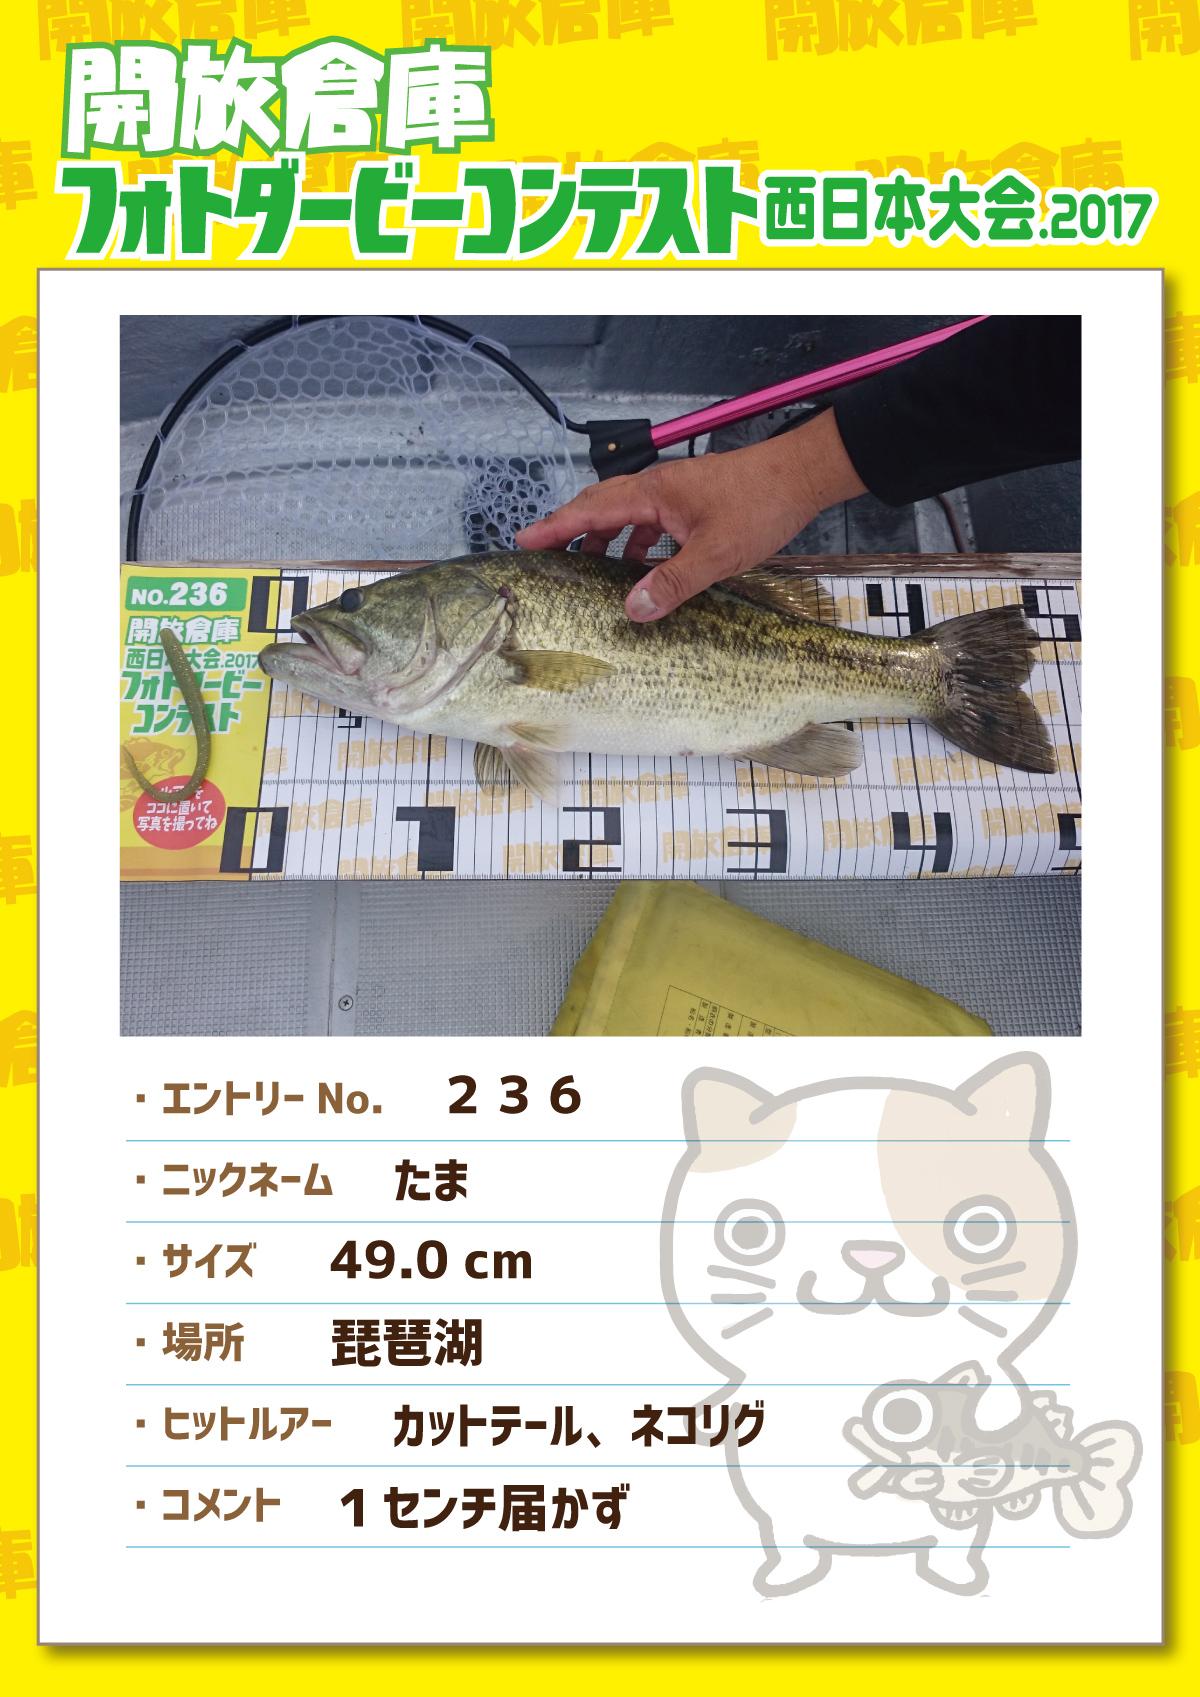 No.236 たま 49.0cm 琵琶湖 カットテール、ネコリグ 1インチ届かず